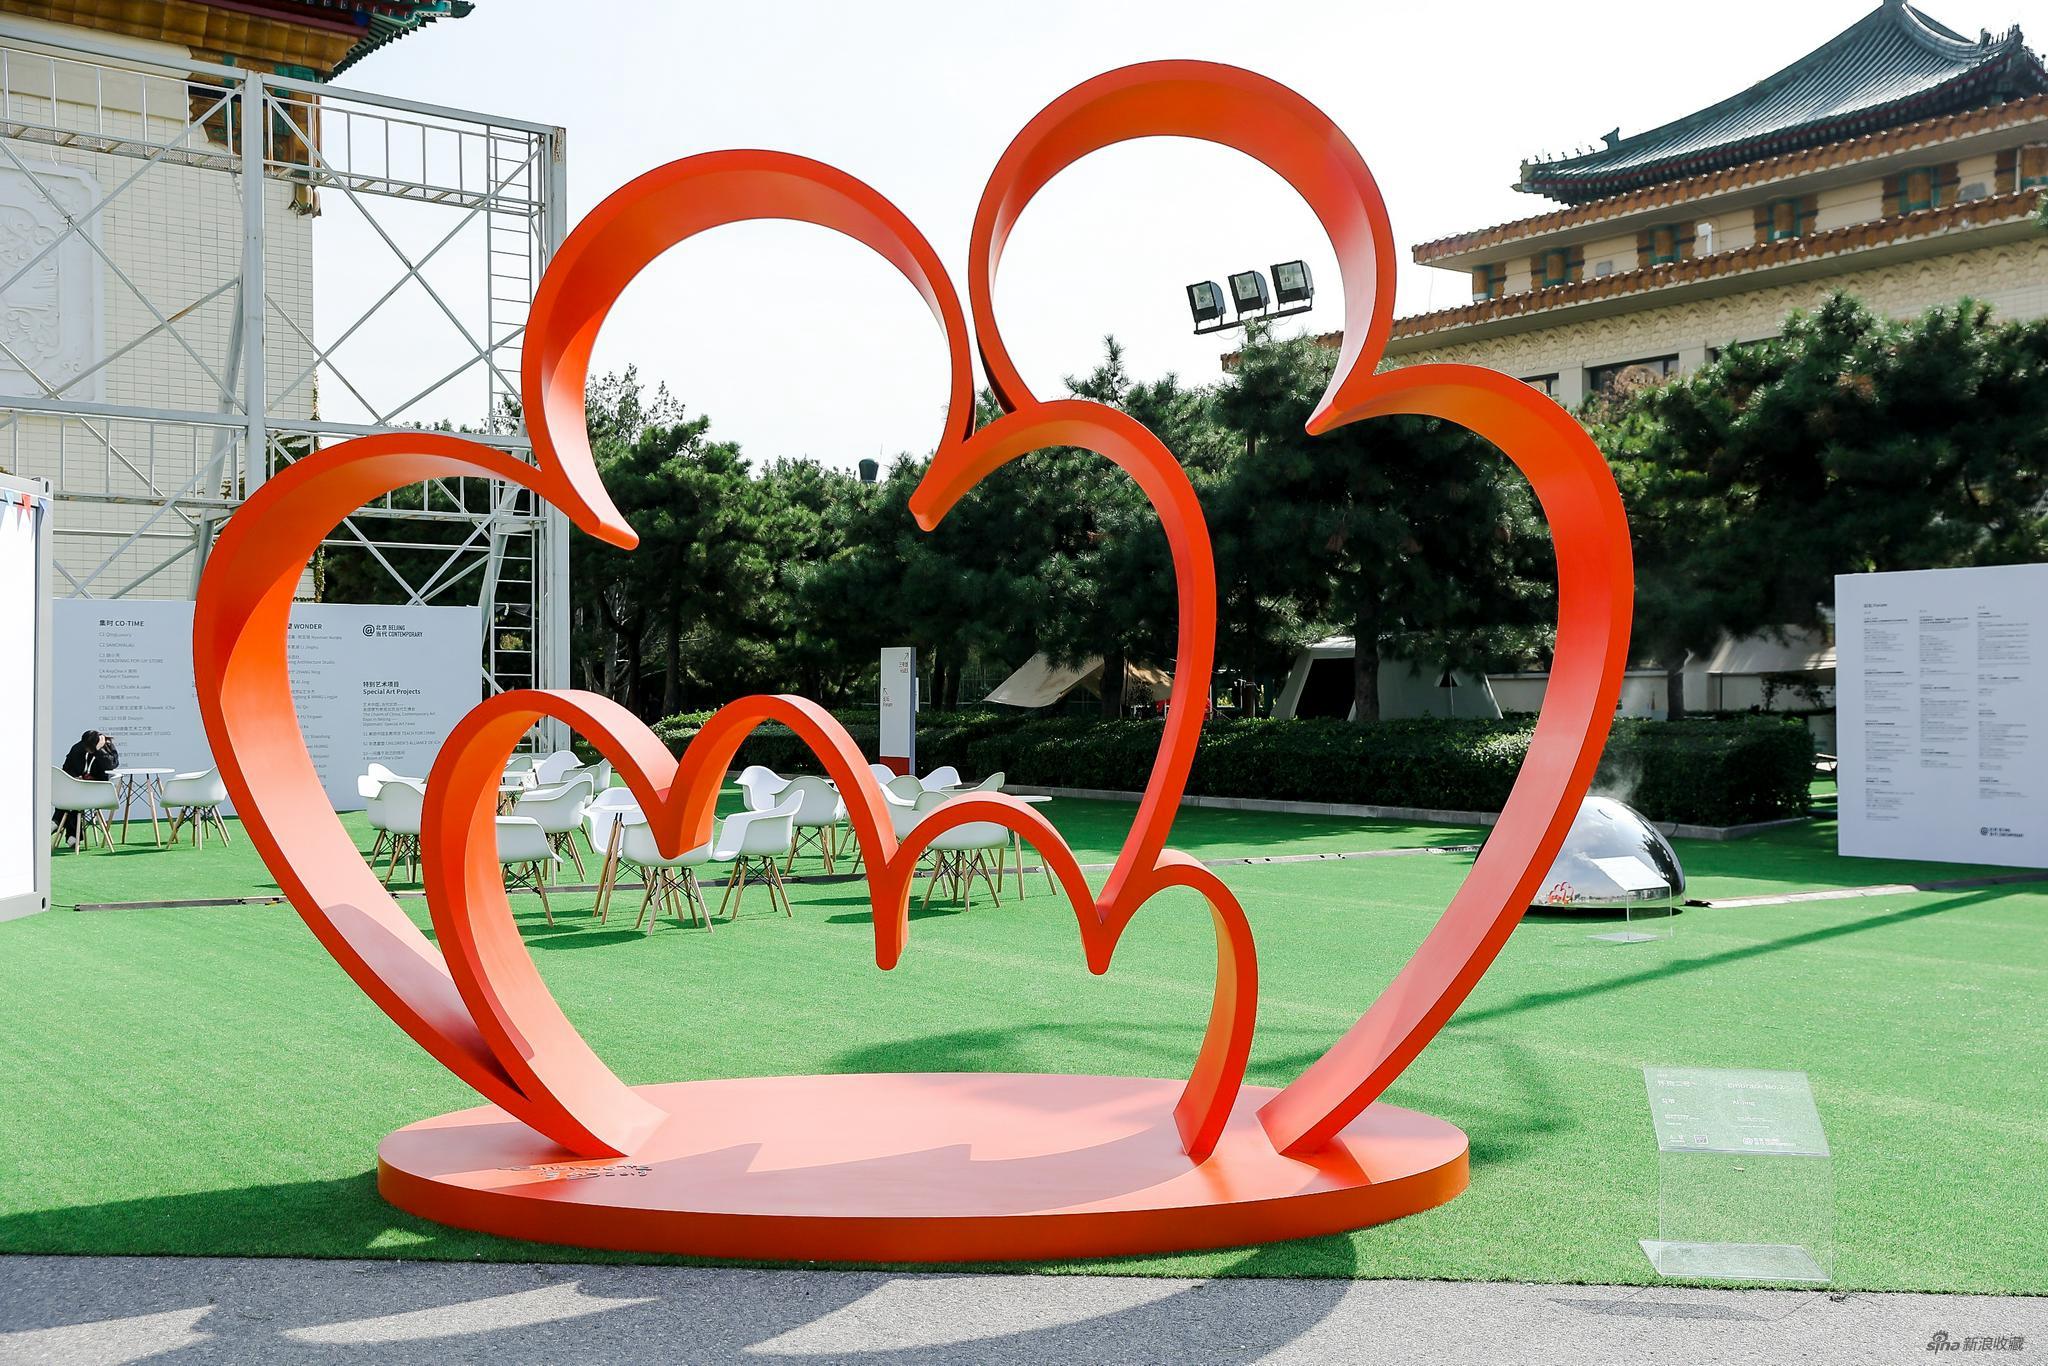 艾敬 怀抱二号,2018 橙红色喷漆不锈钢,406.8 × 315.3 × 200 cm 致谢艺术家